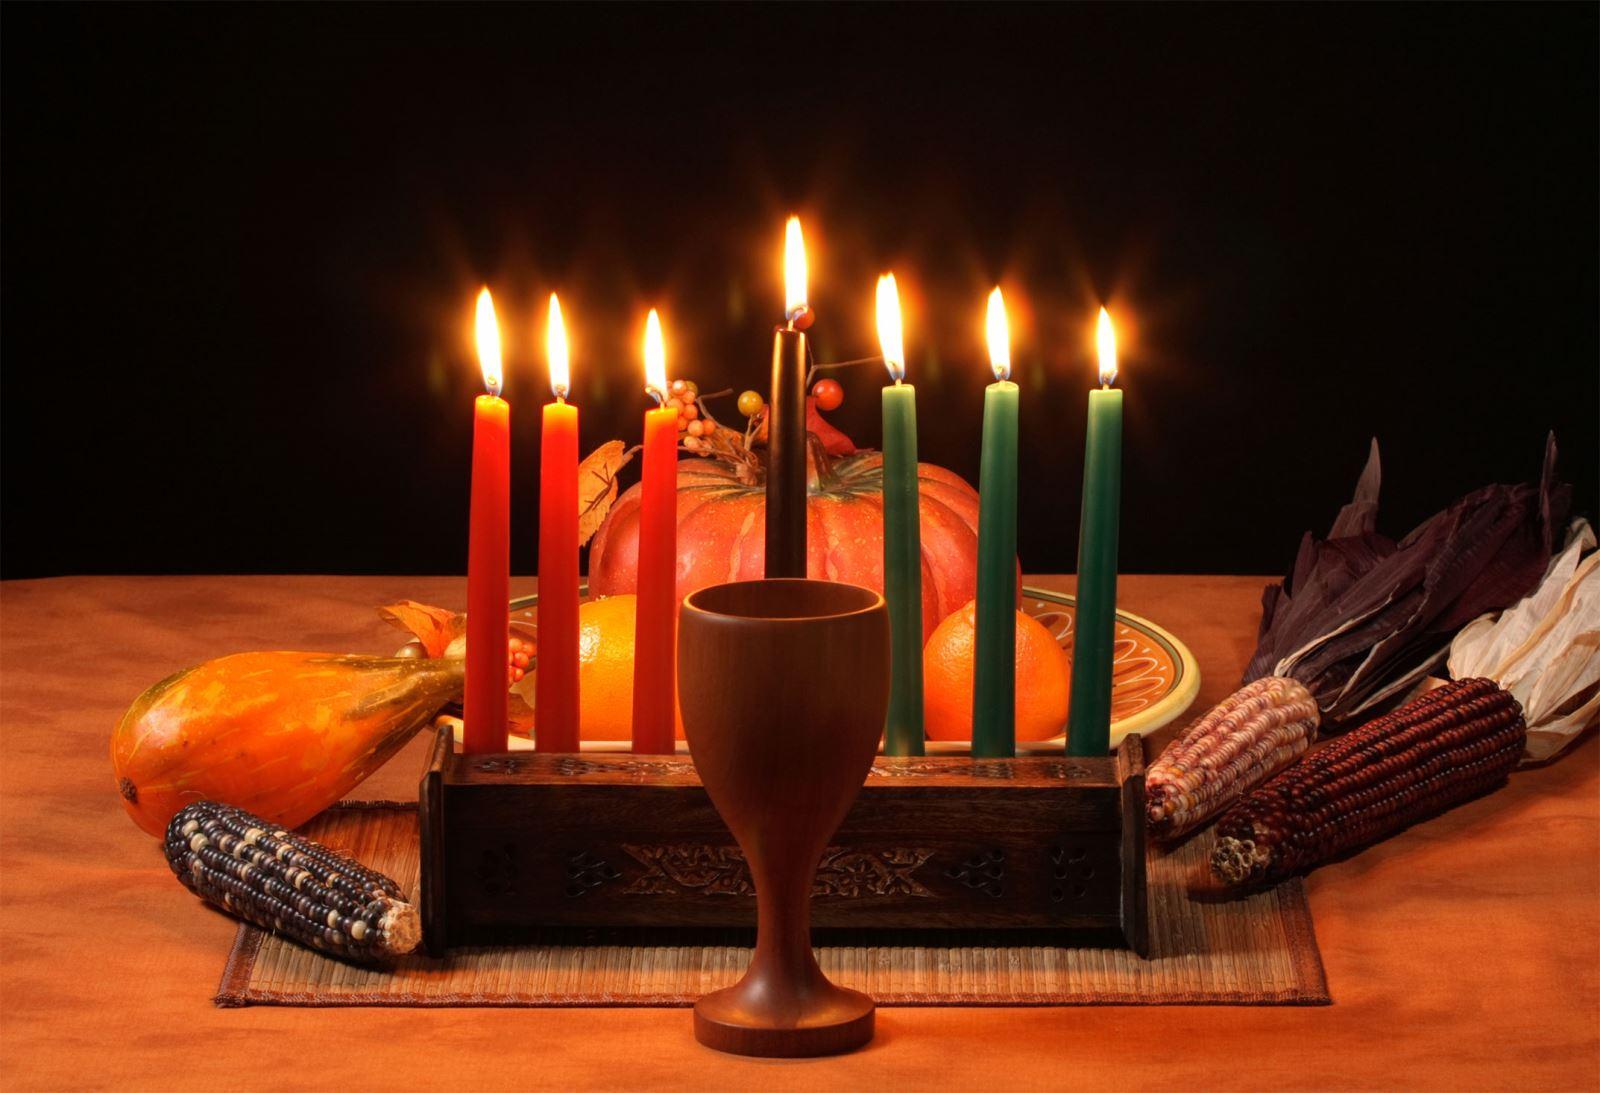 December Global Holidays là gì? Mùa lễ hội tháng 12 có gì nổi bật?